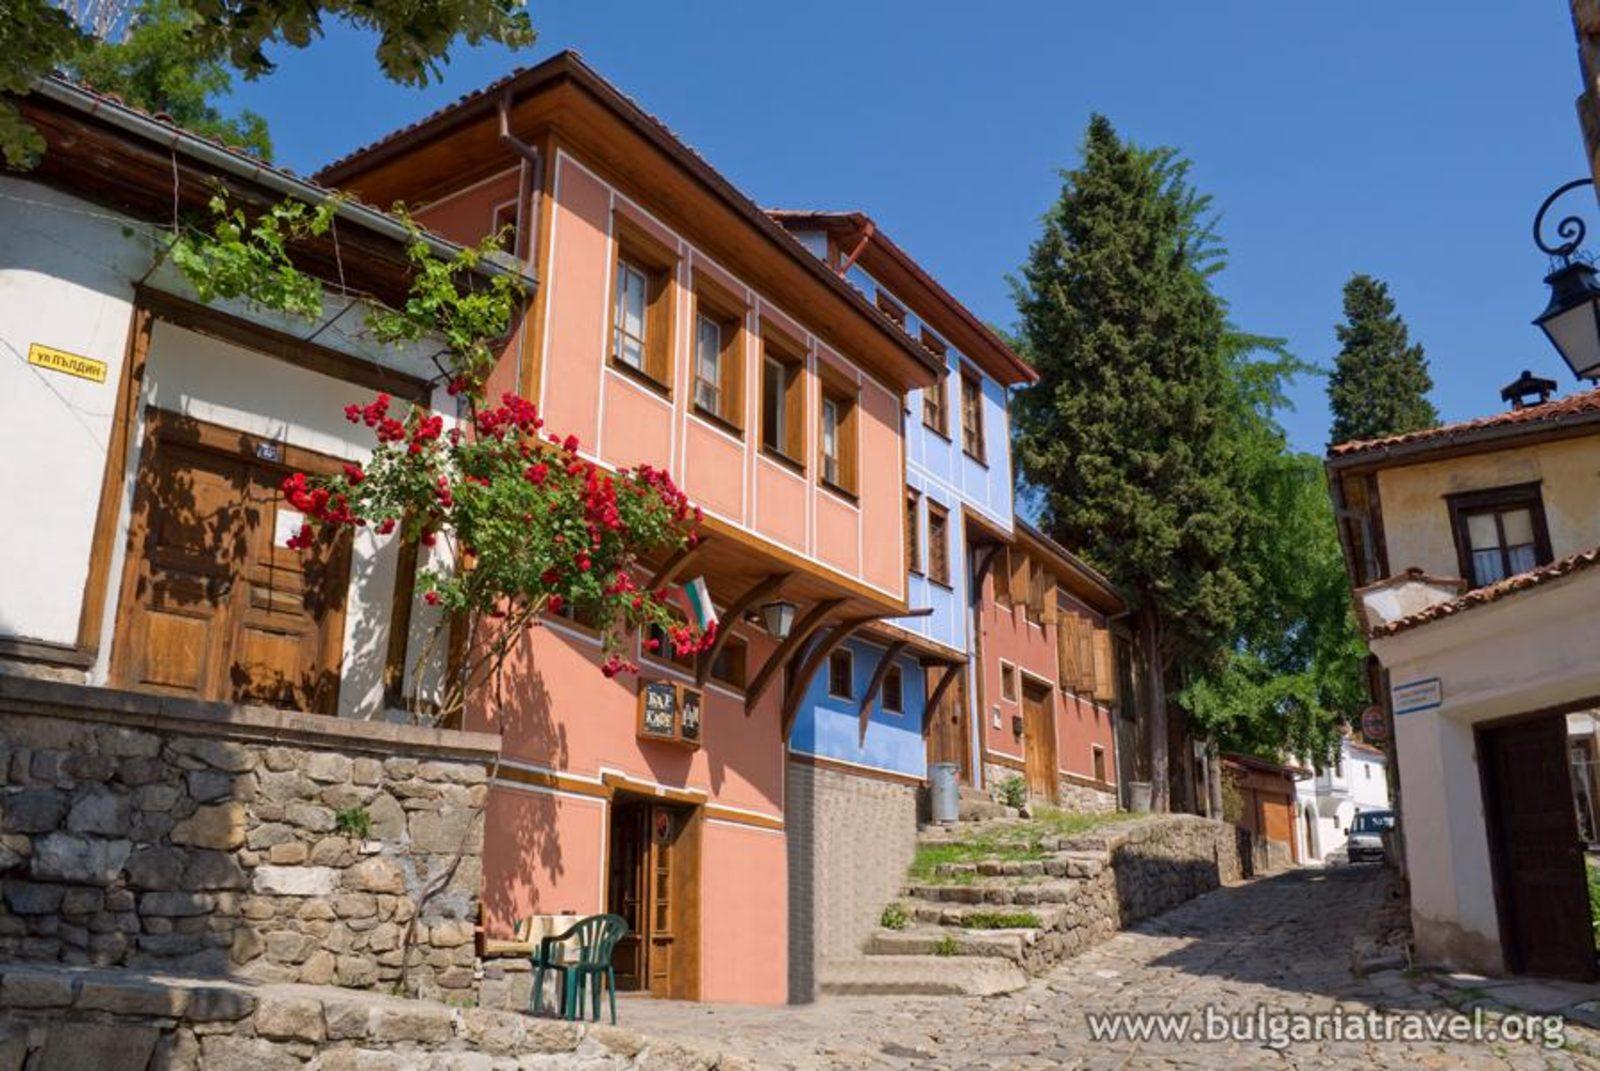 Znalezione obrazy dla zapytania plovdiv bulgaria old town